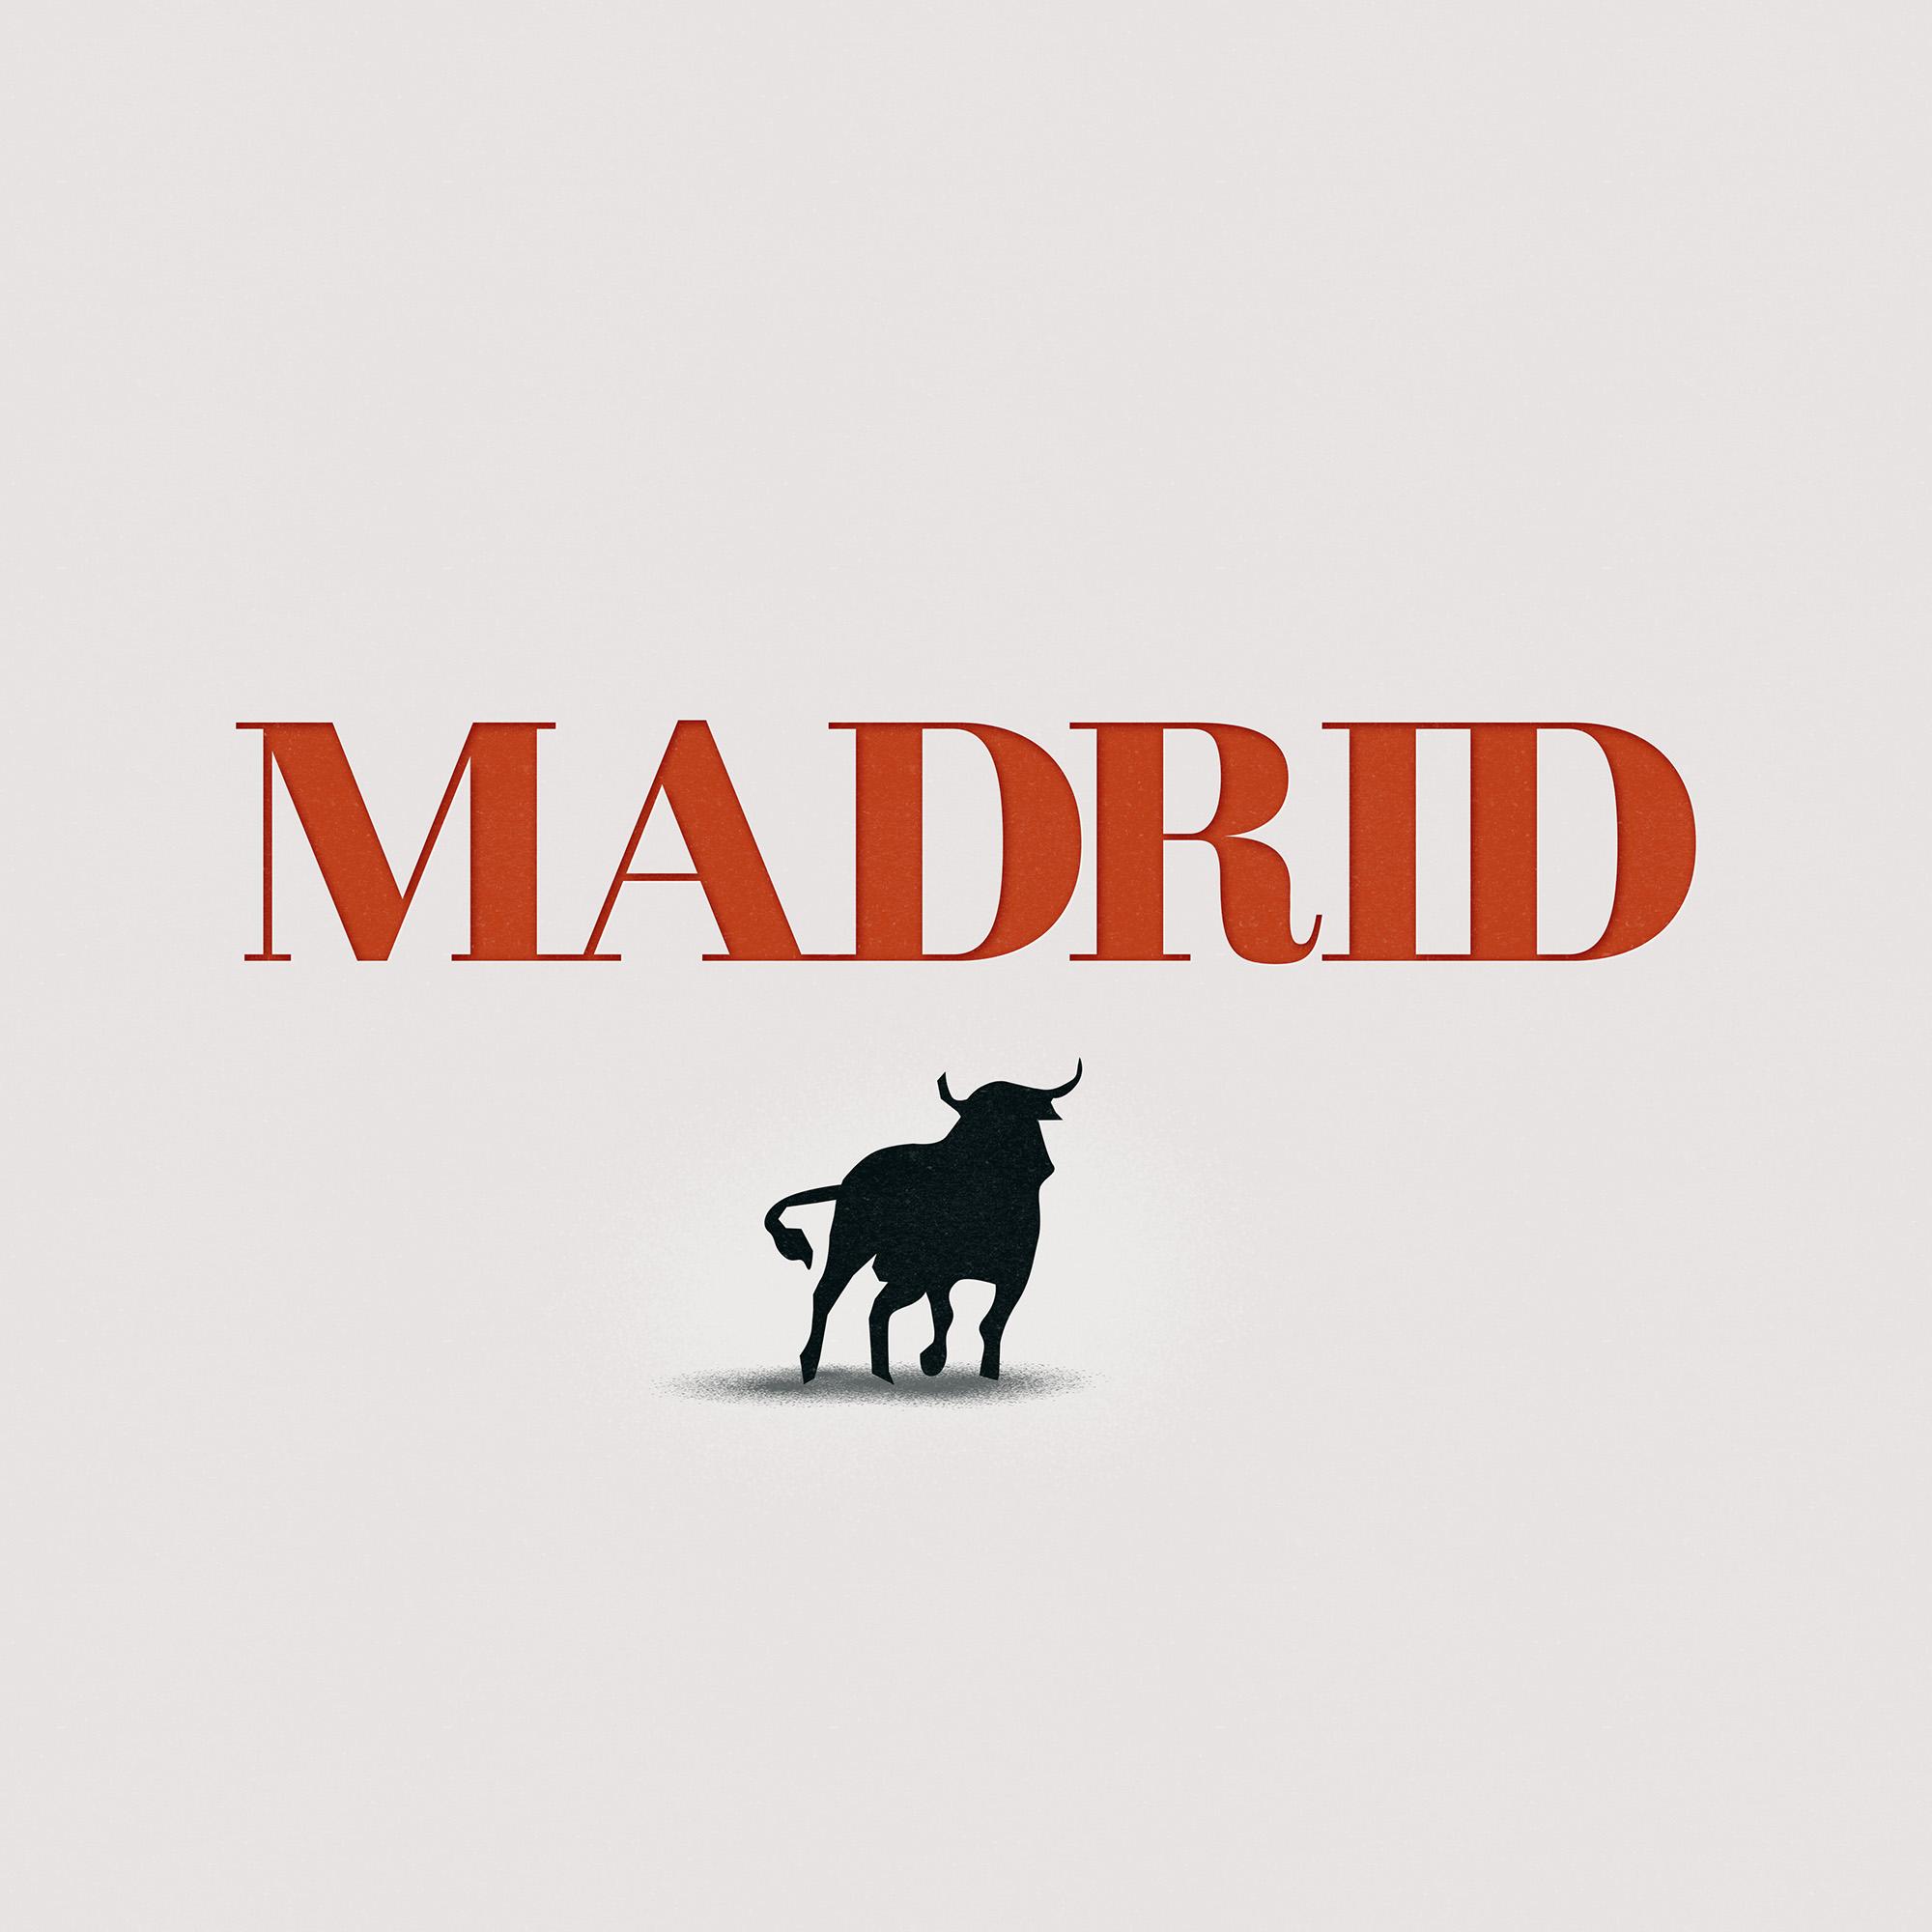 Madrid Font Download